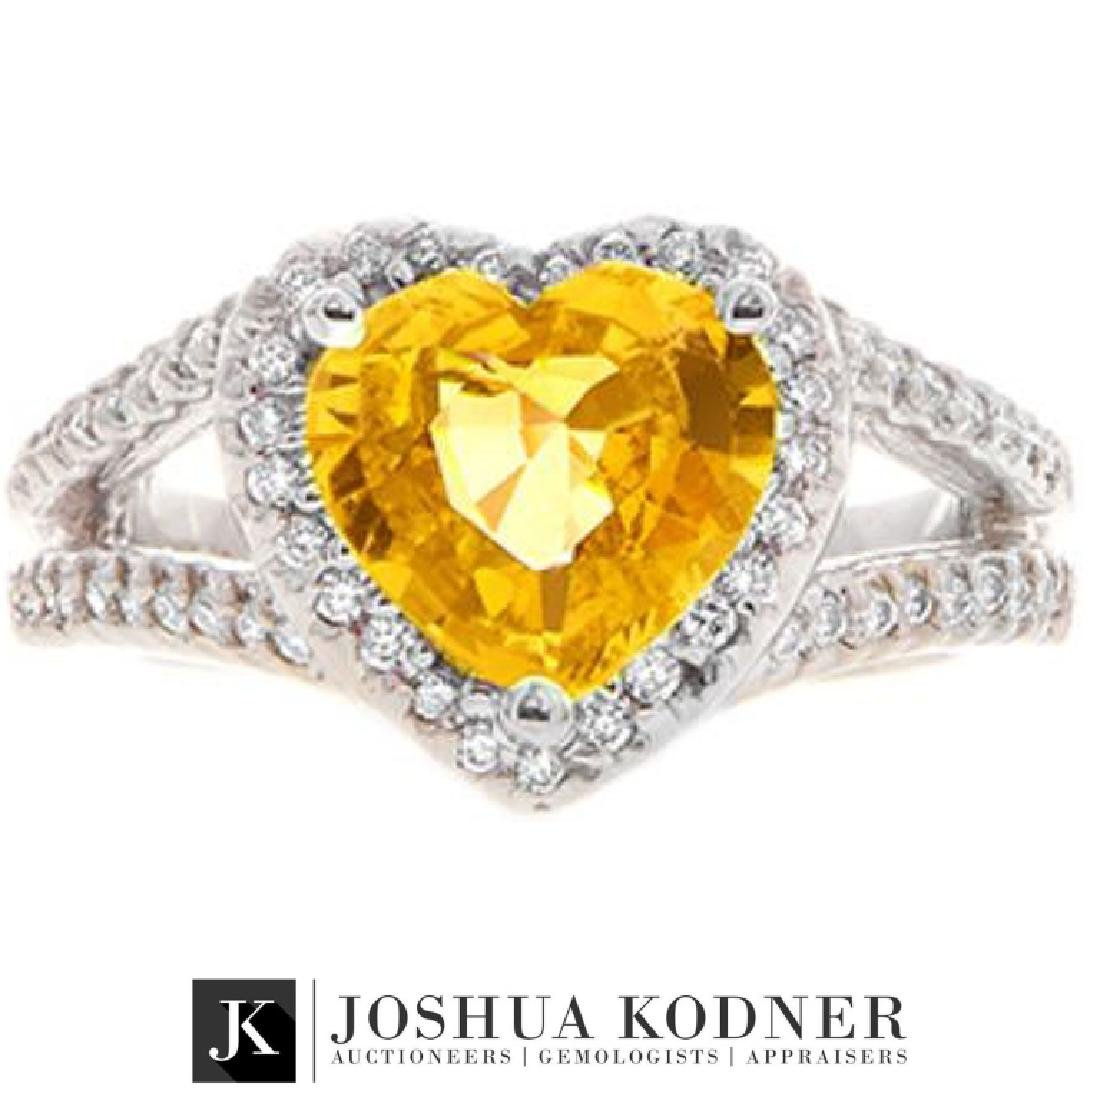 3.23 ct. Yellow Sapphire and Diamond Ring